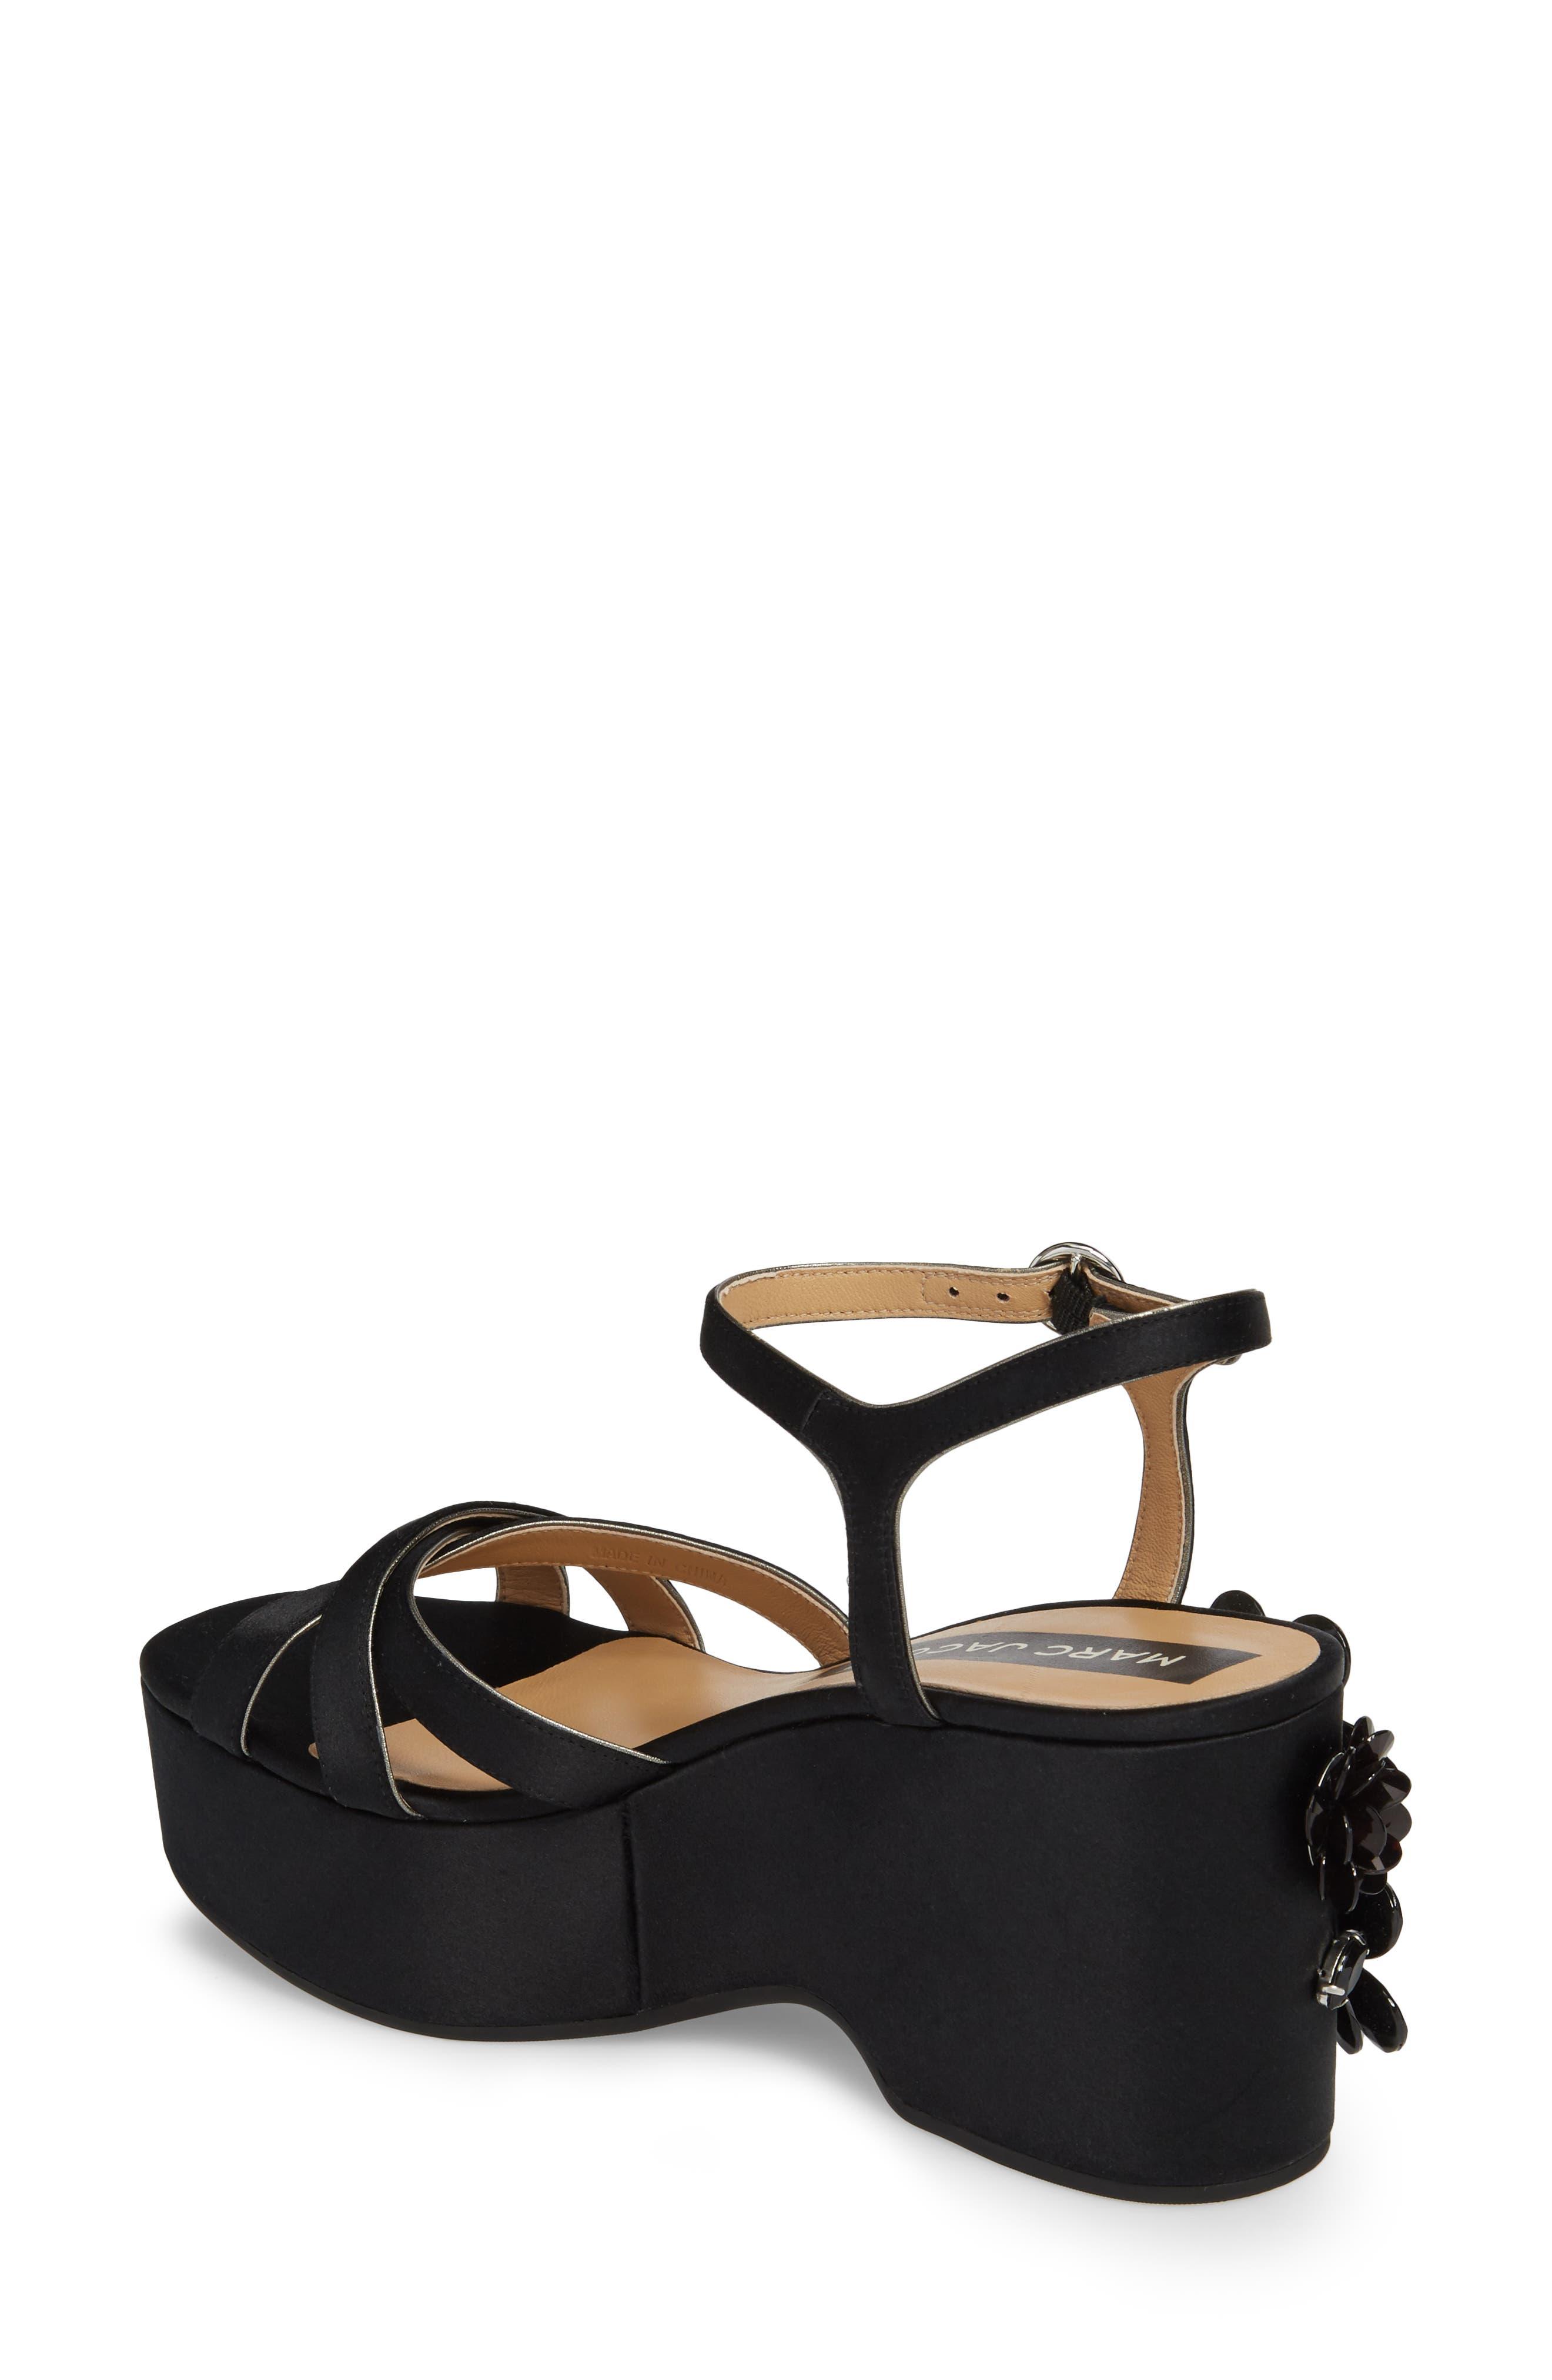 Callie Embellished Platform Sandal,                             Alternate thumbnail 2, color,                             Black